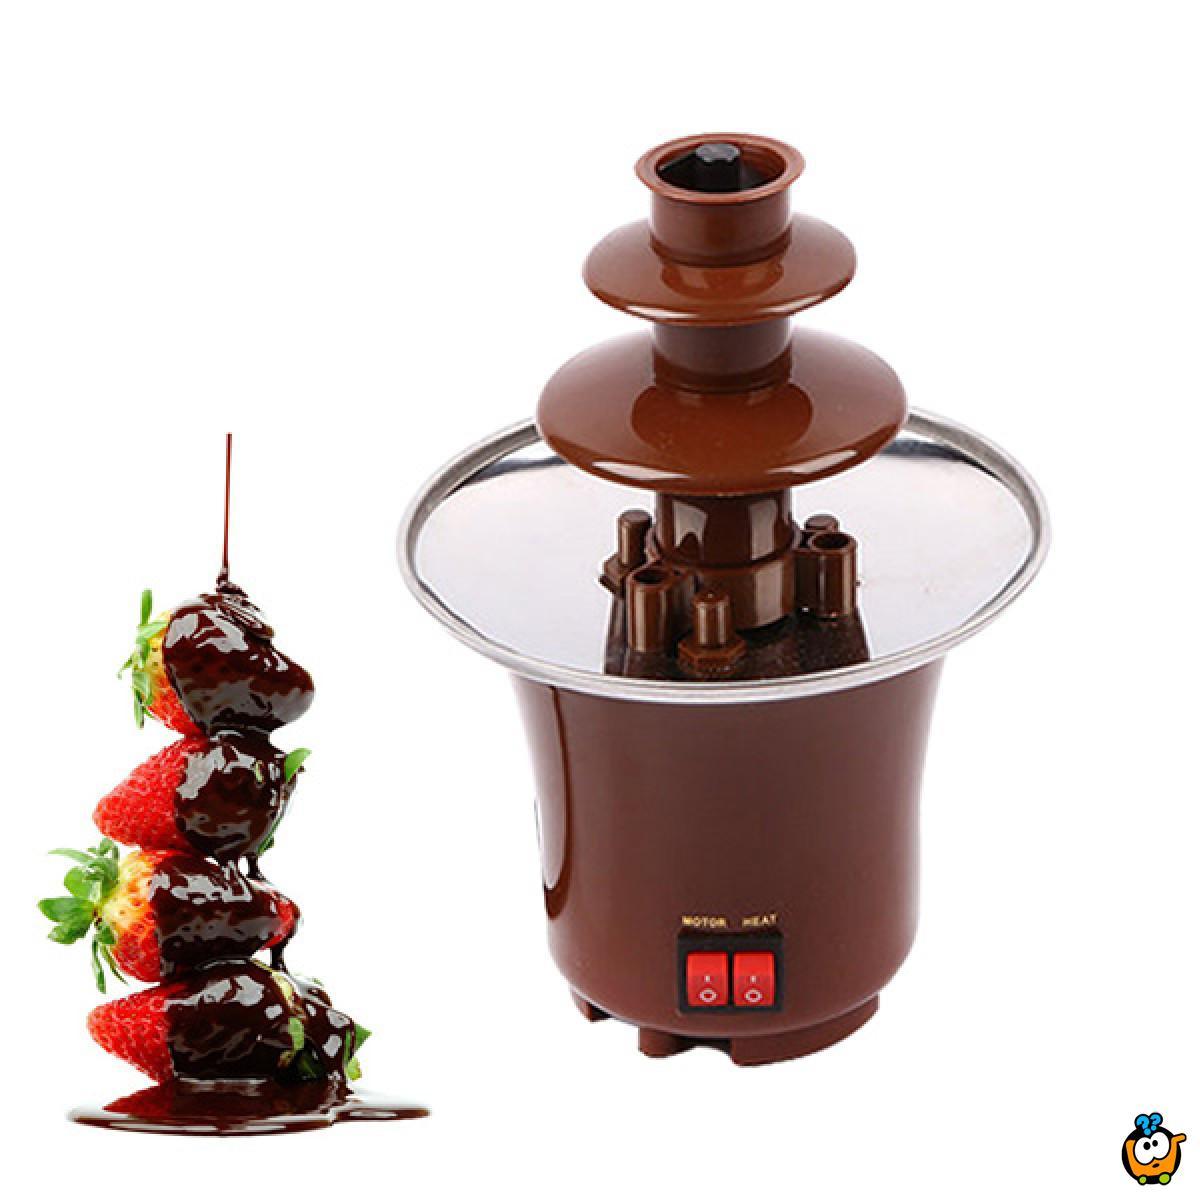 Čokoladna fontana sa 3 nivoa